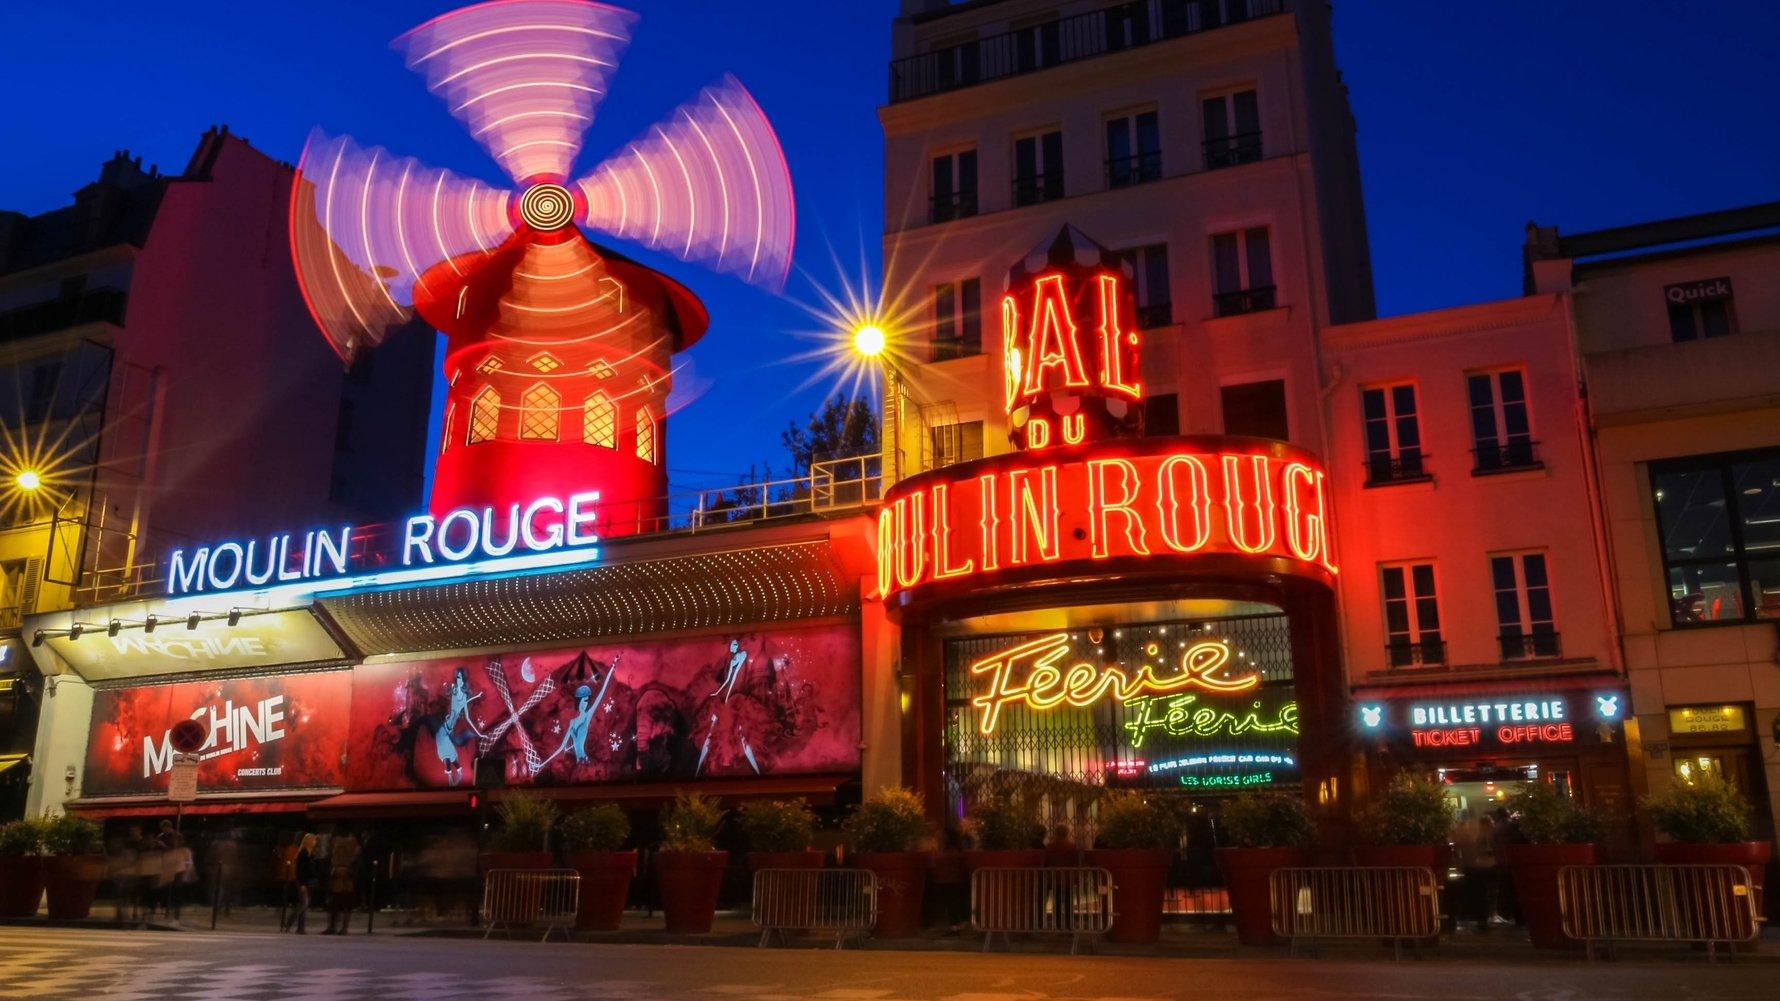 © Petr Kovalenkov Shutterstock.com Moulin Rouge